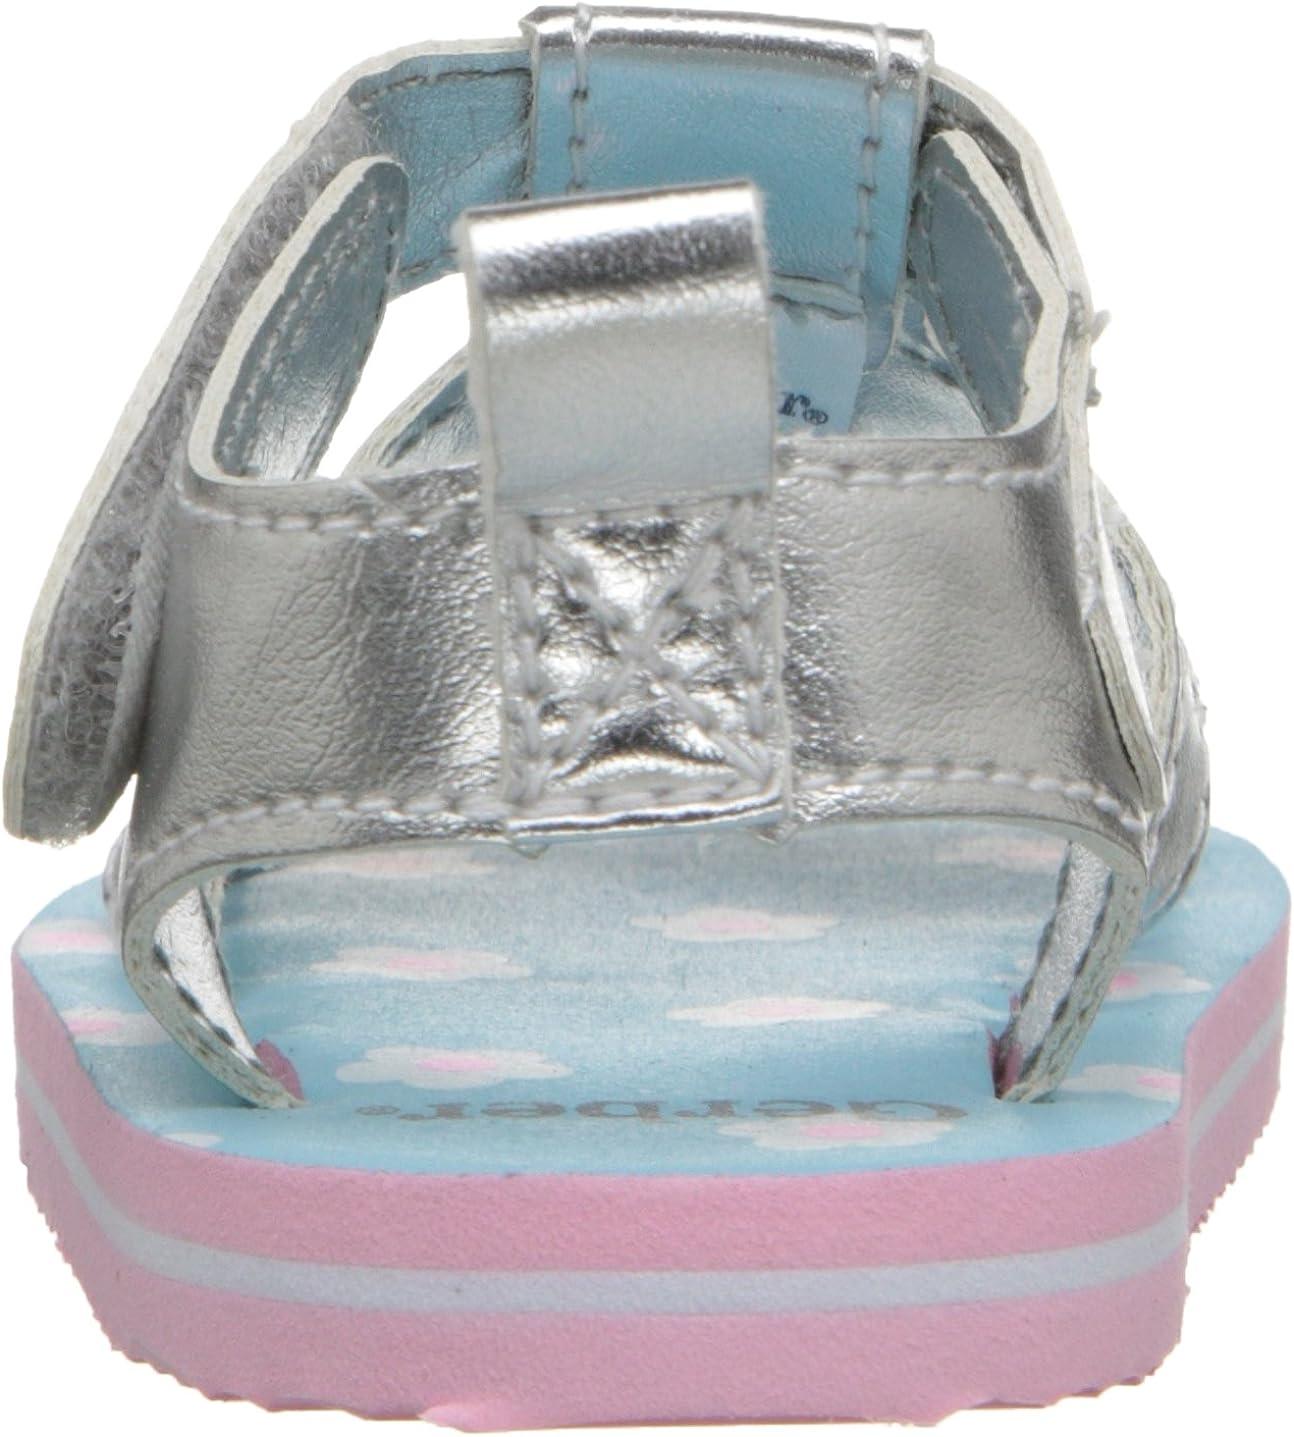 Infant Gerber Silver Flower EVA Sandal